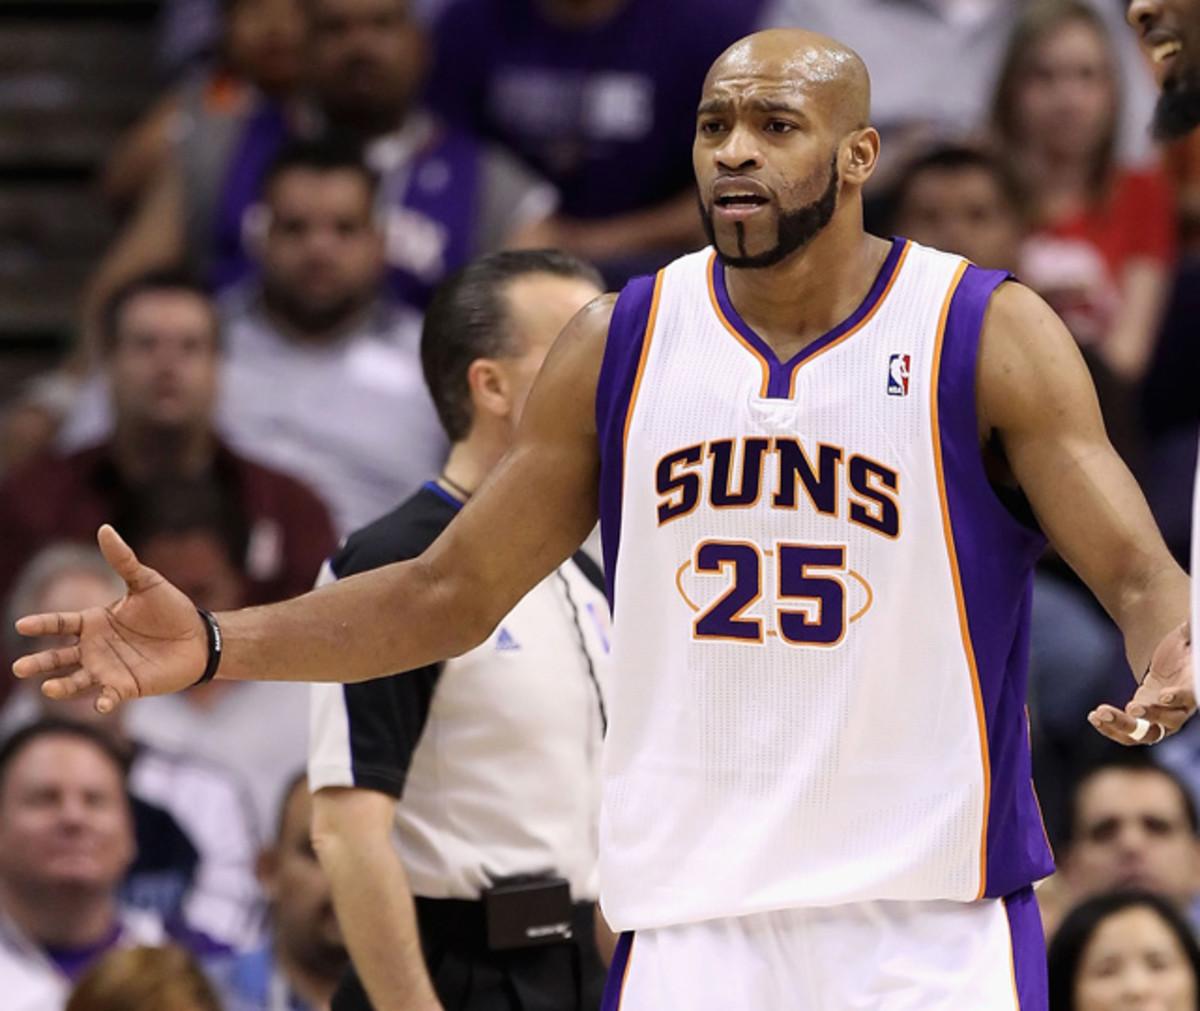 Vince Carter, Suns